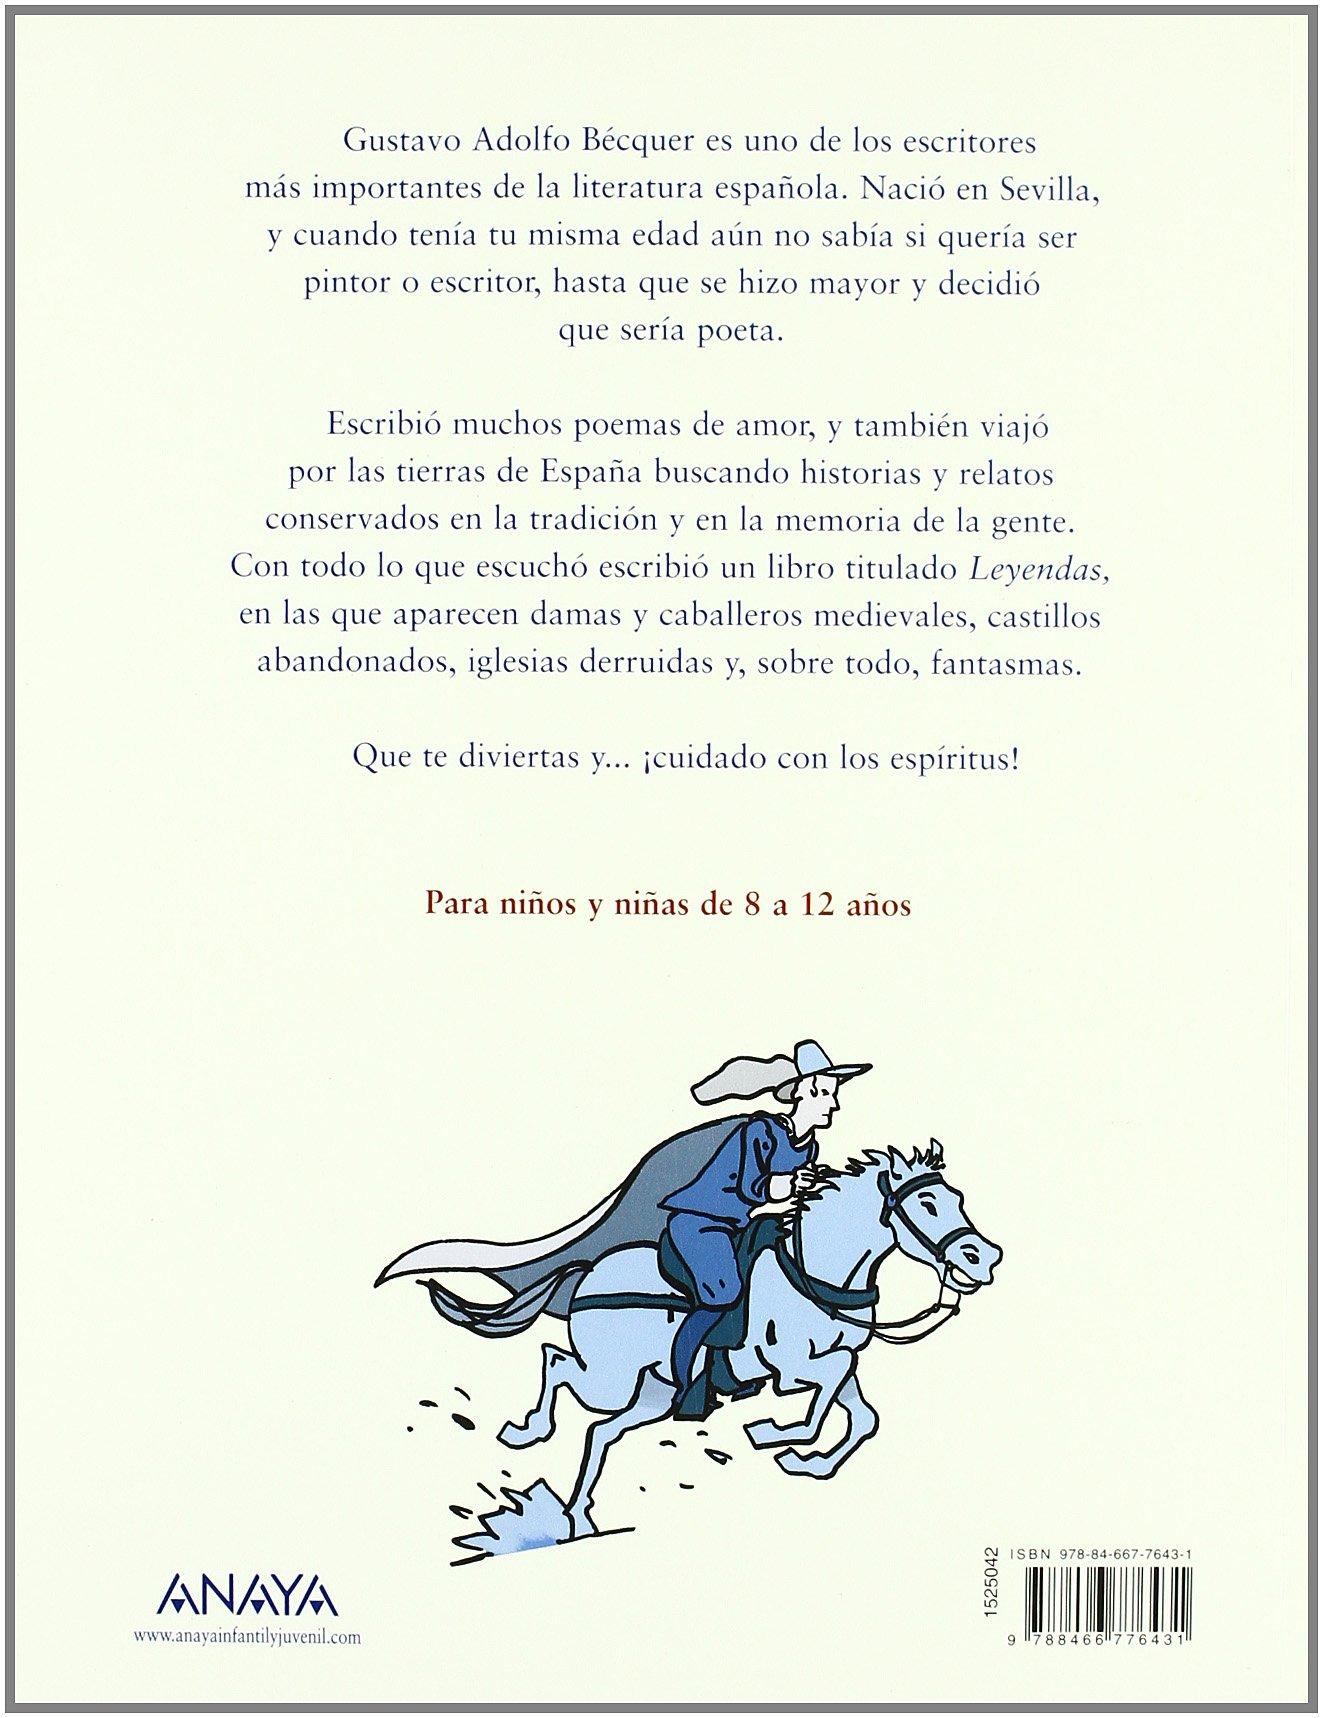 Leyendas de Bécquer contadas por Eliacer Cansino: Amazon.es: Cansino, Eliacer, Flores, Enrique: Libros